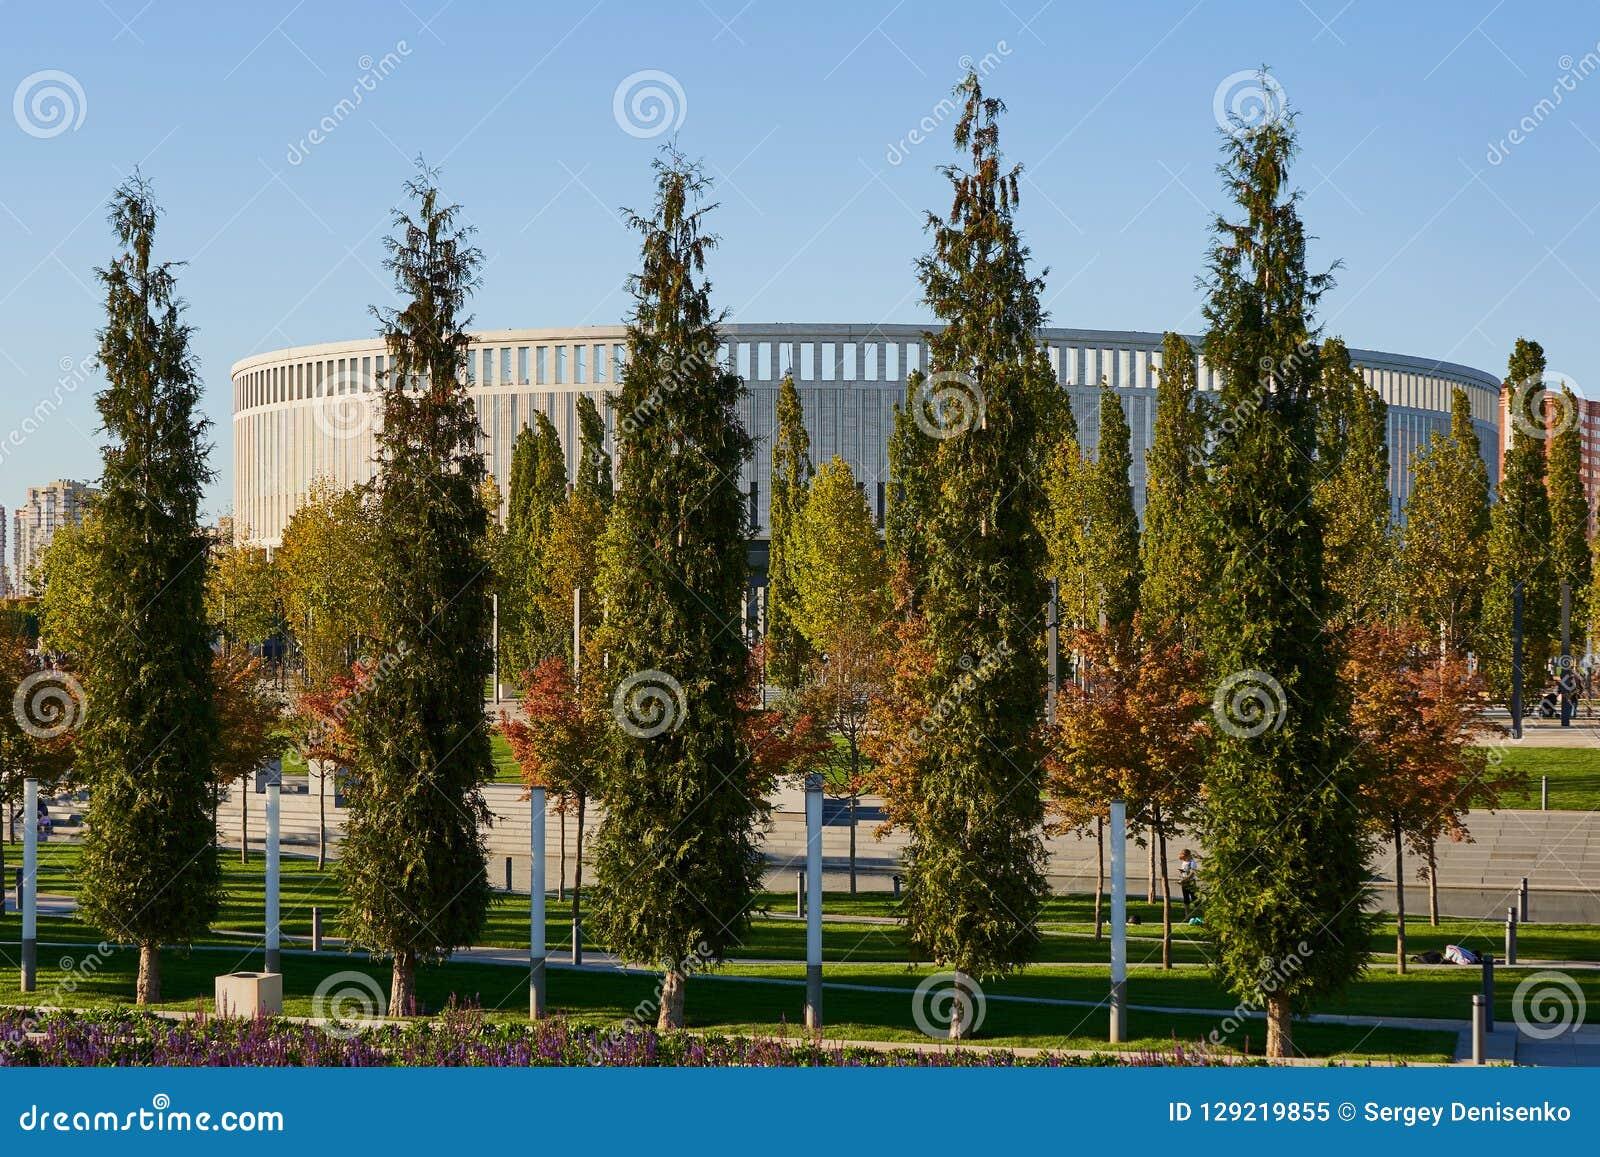 Krasnodar, Rusland - Oktober 7, 2018: Slanke rijen van altijdgroen en loofbomen op de promenade in het park van Krasnodar